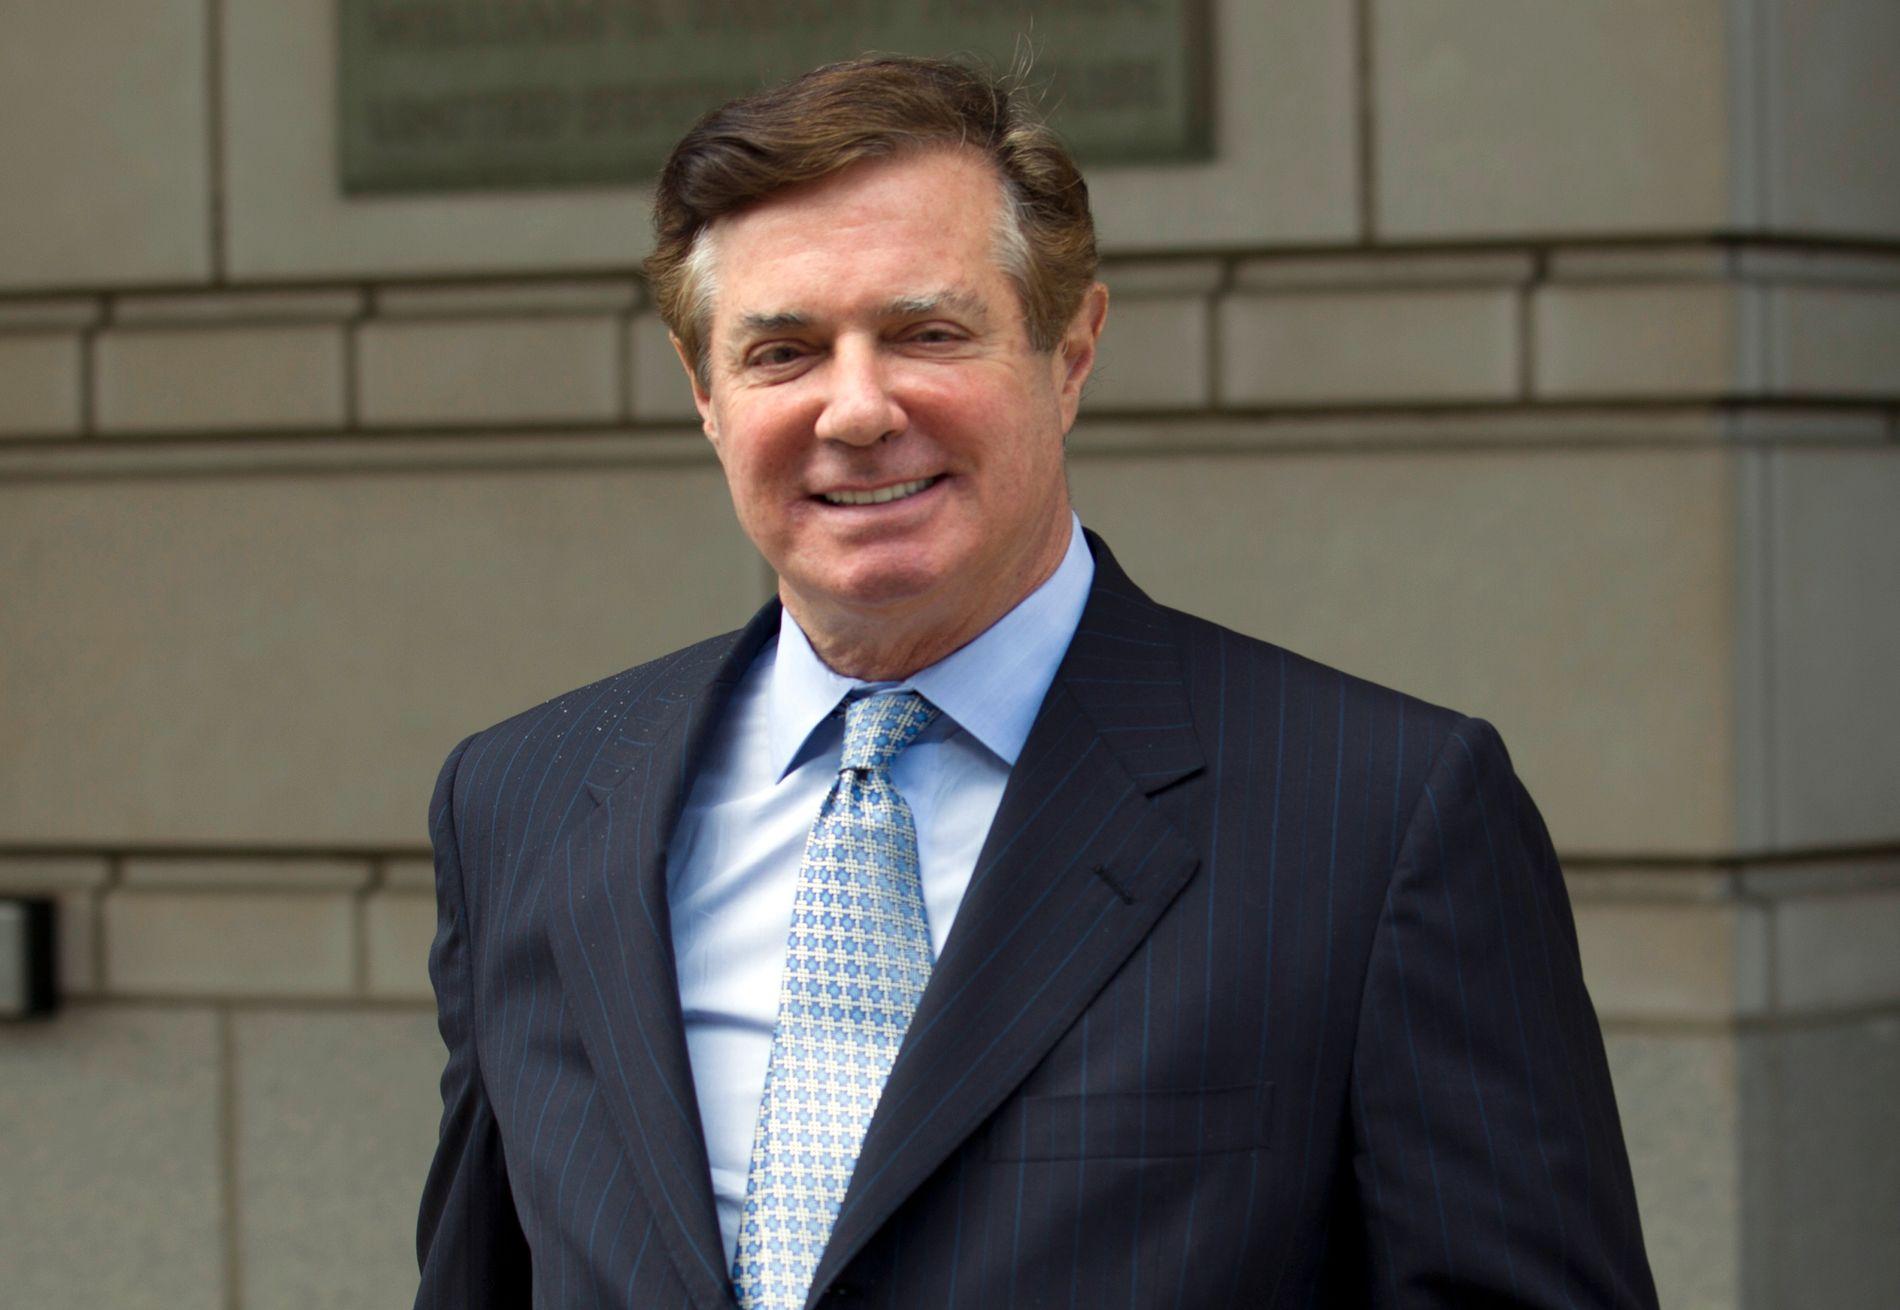 EKS-VALGKAMPSJEF: Paul Manafort forlater den føderale domstolen i Washington DC etter et rettsmøte i mai.